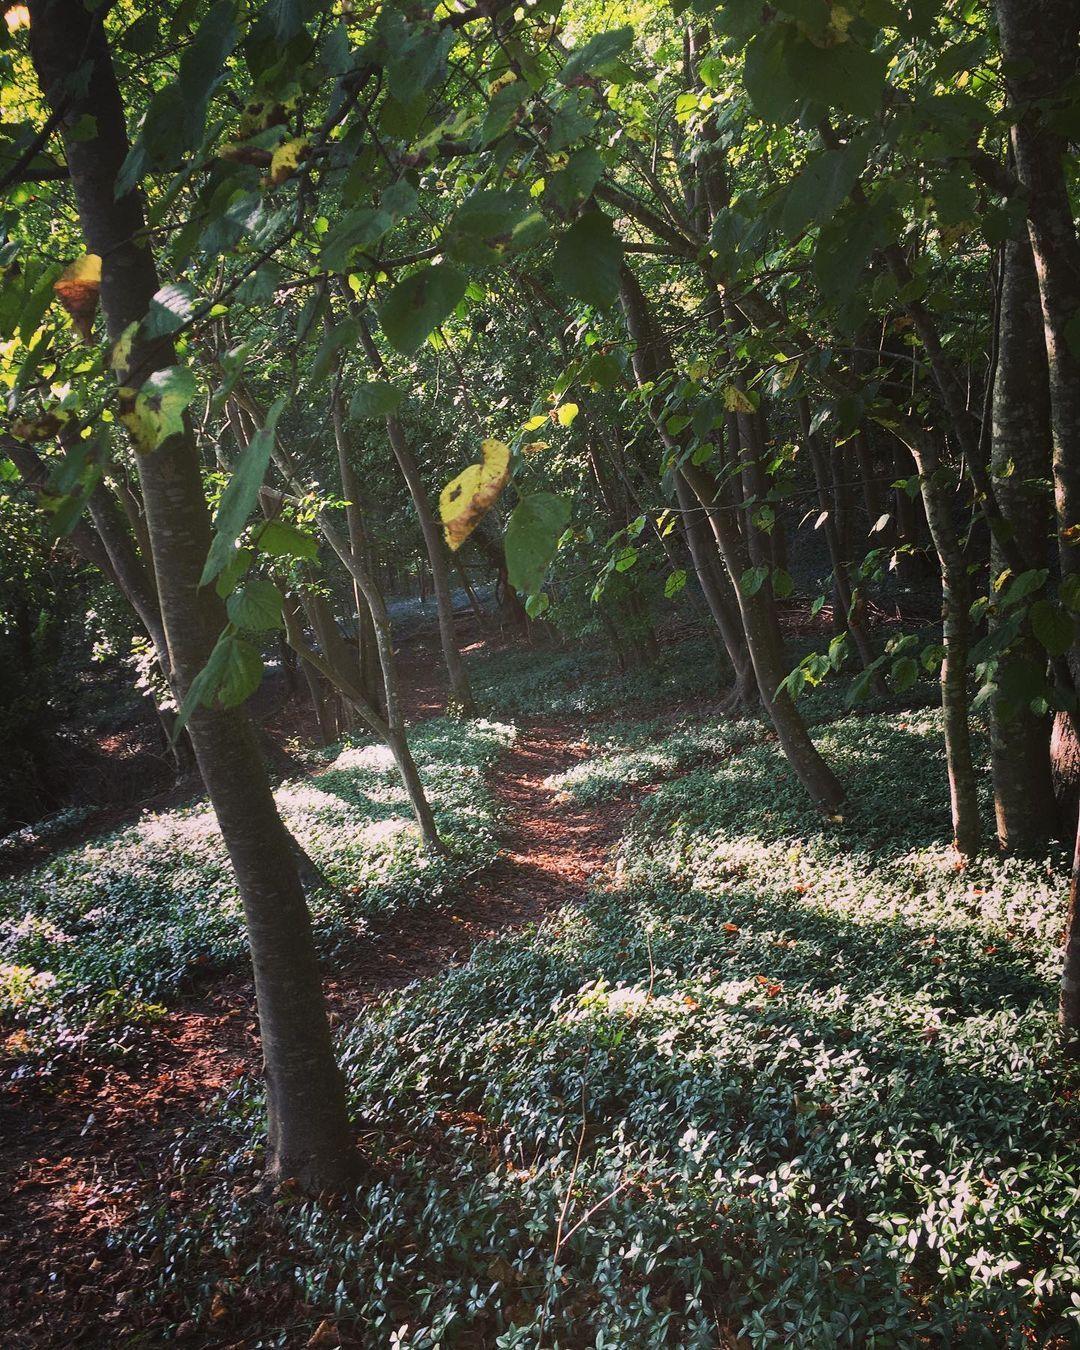 Jardin anglais du château de la Roche Guyon #patrimoine #jardinhistorique #jardinanglais #bois #nature #naturelovers #naturephotography (à Château de La Roche-Guyon)https://www.instagram.com/p/CUSbxkLsMqL/?utm_medium=tumblr